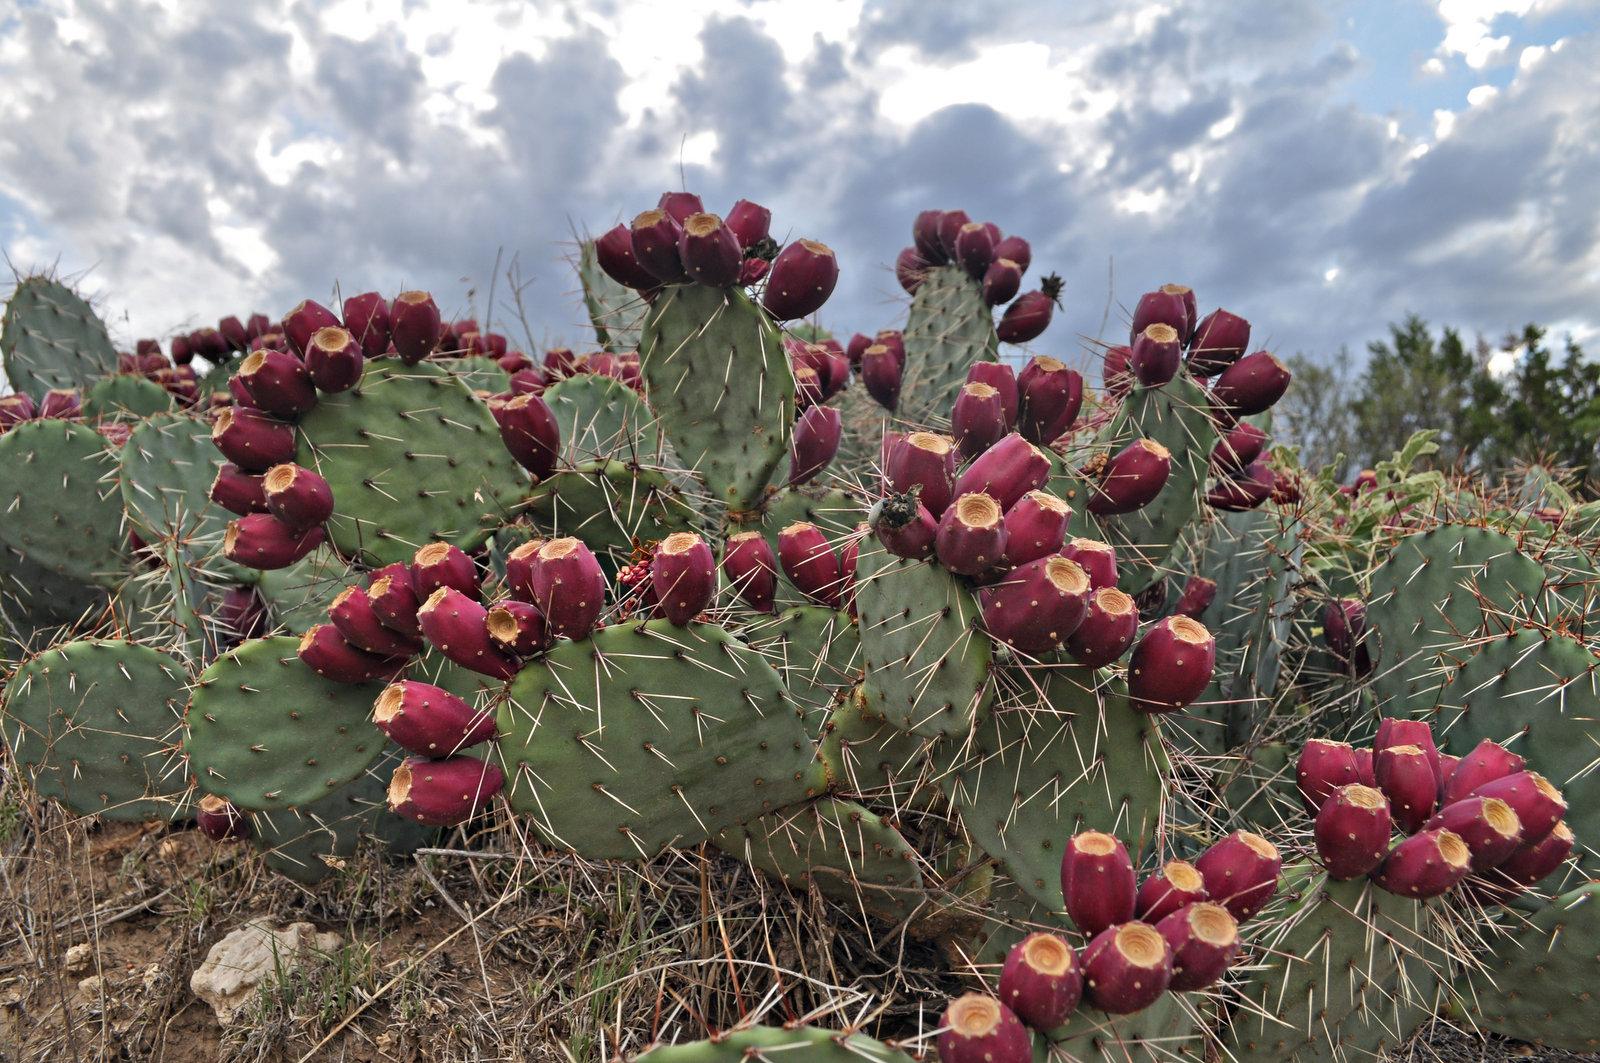 Prickly Pear Cactus - Wilder Good Wilder Good